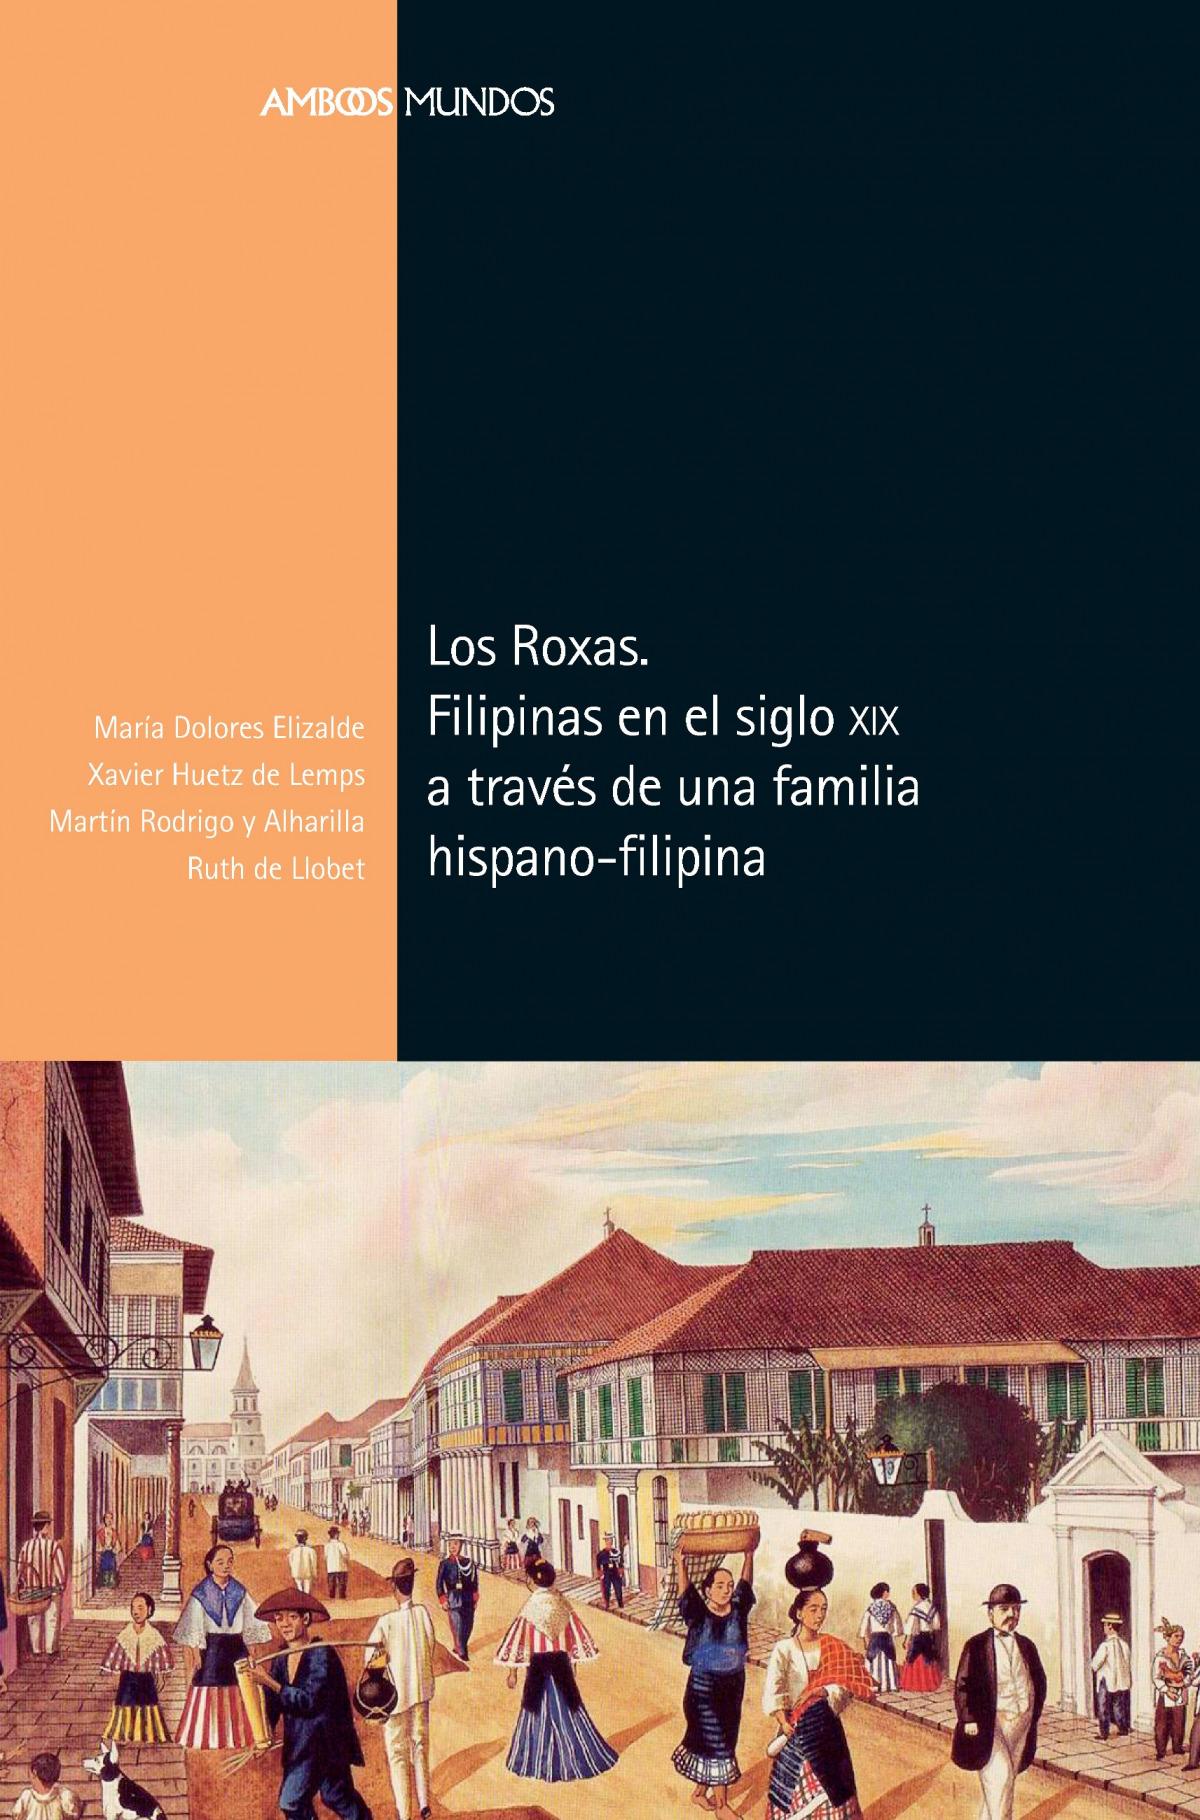 Los Roxas. Filipinas en el siglo XIX a través de una familia de i